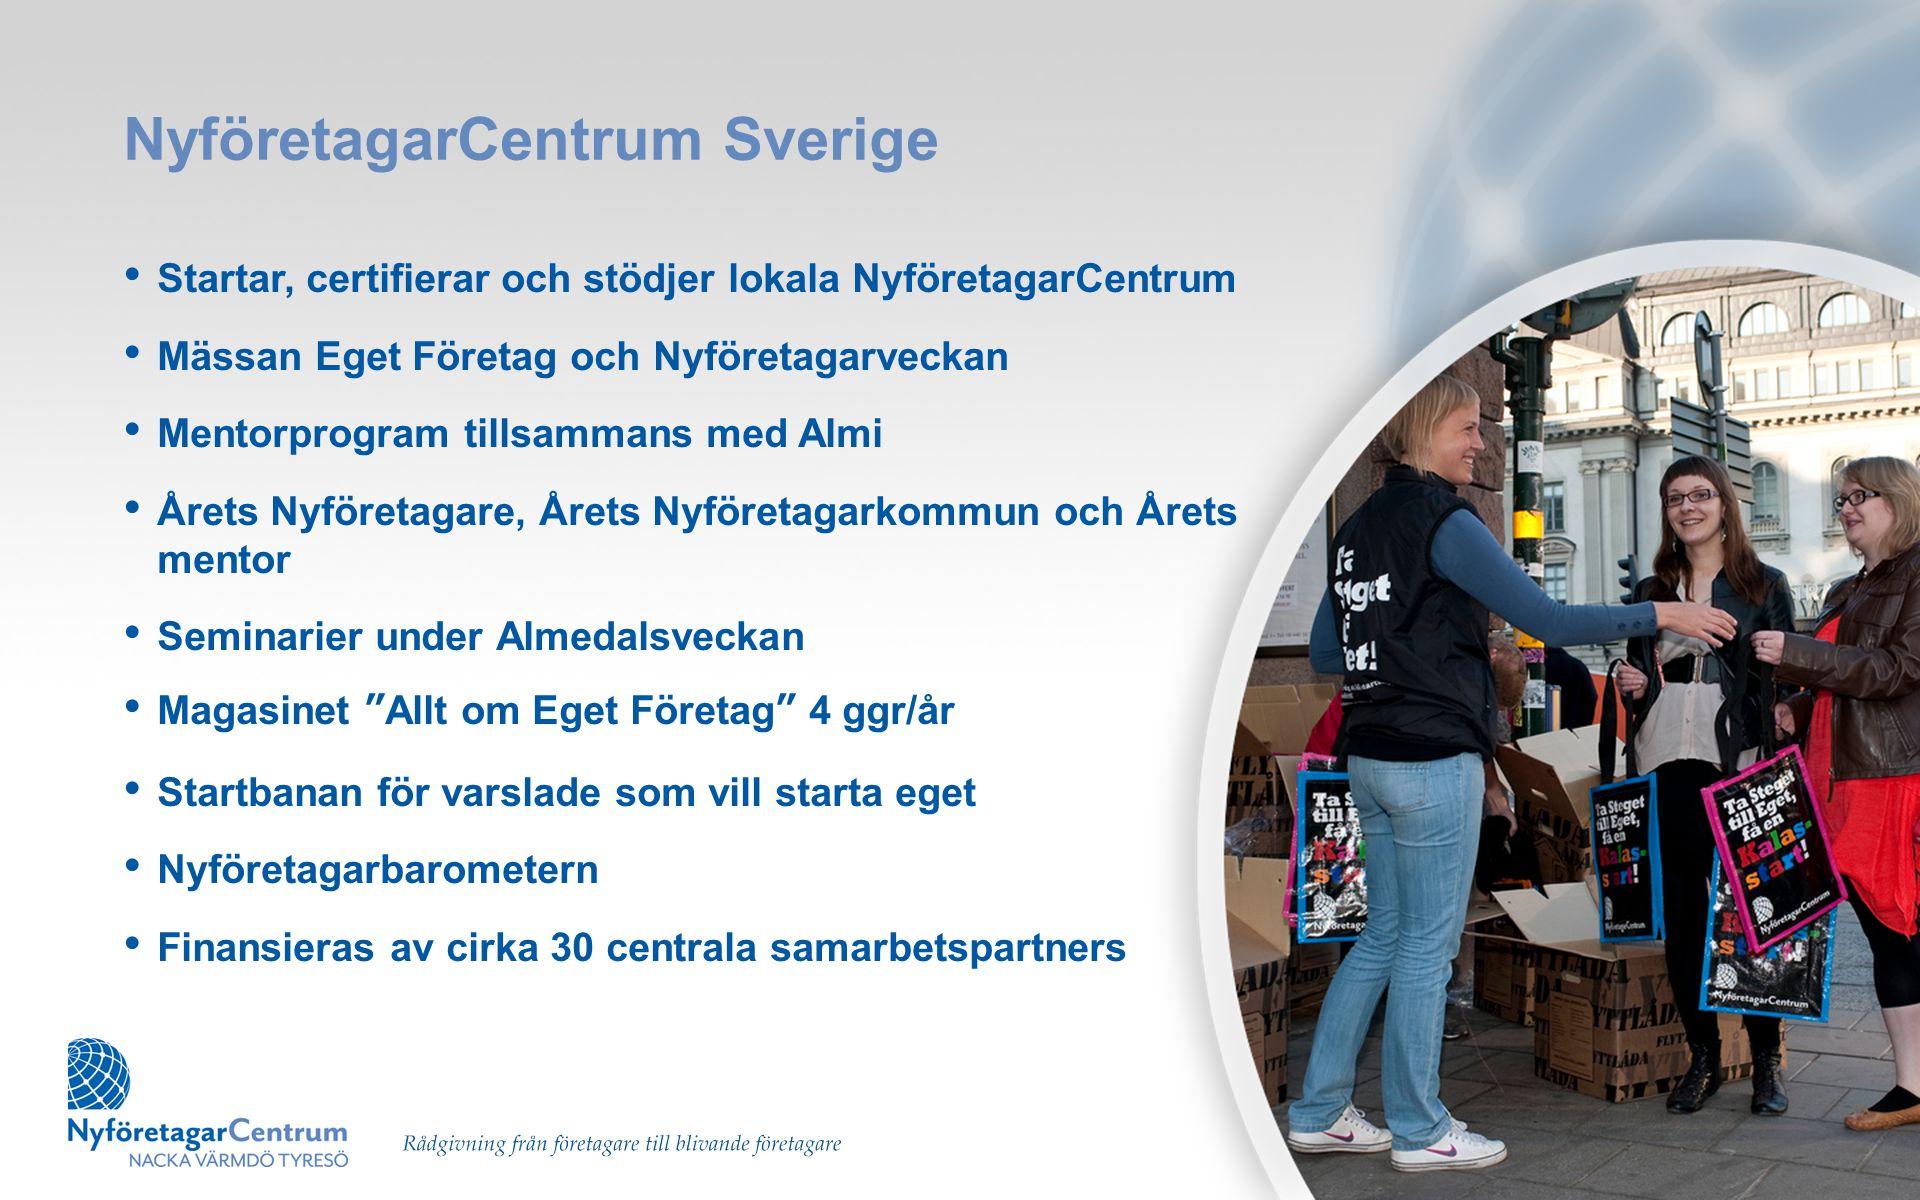 NyföretagarCentrum Sverige • Startar, certifierar och stödjer lokala NyföretagarCentrum • Mässan Eget Företag och Nyföretagarveckan • Mentorprogram ti